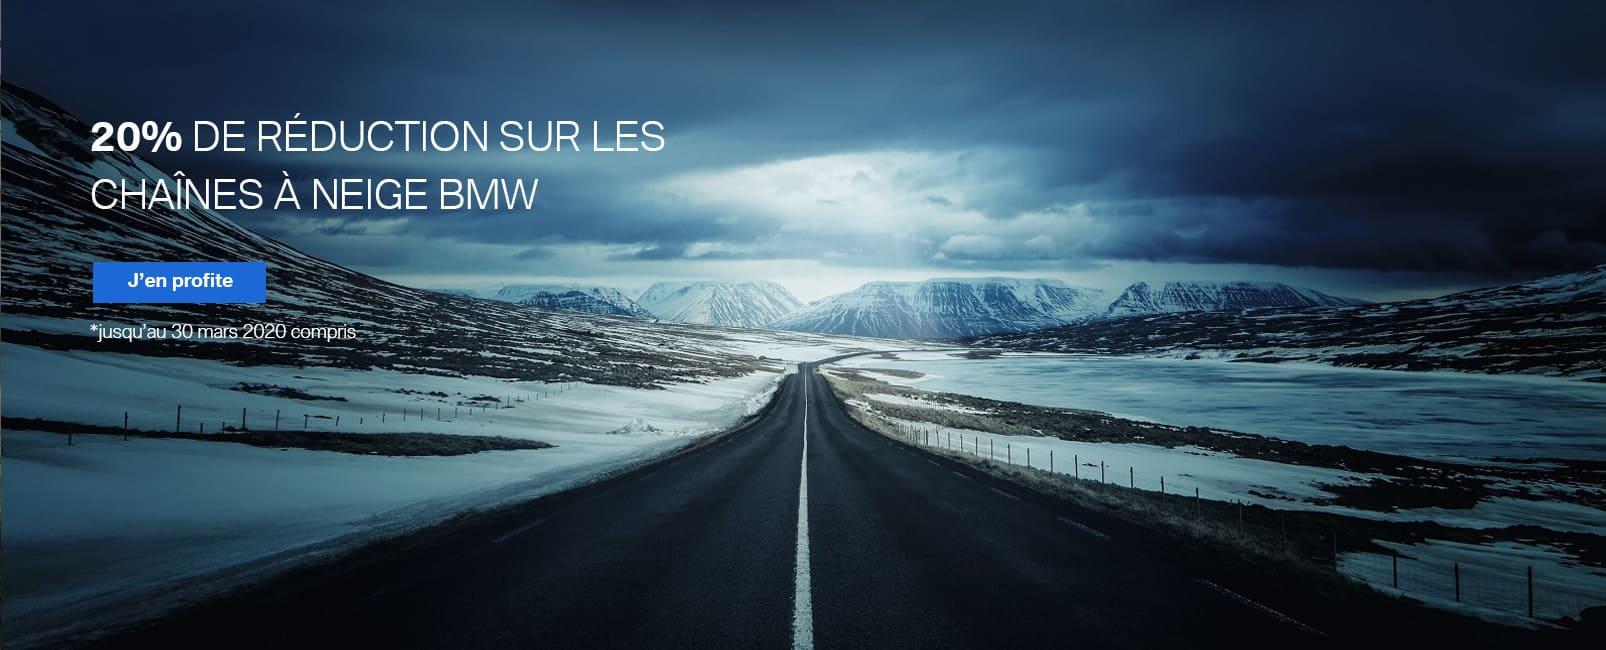 20% de réduction sur les chaines à neige BMW